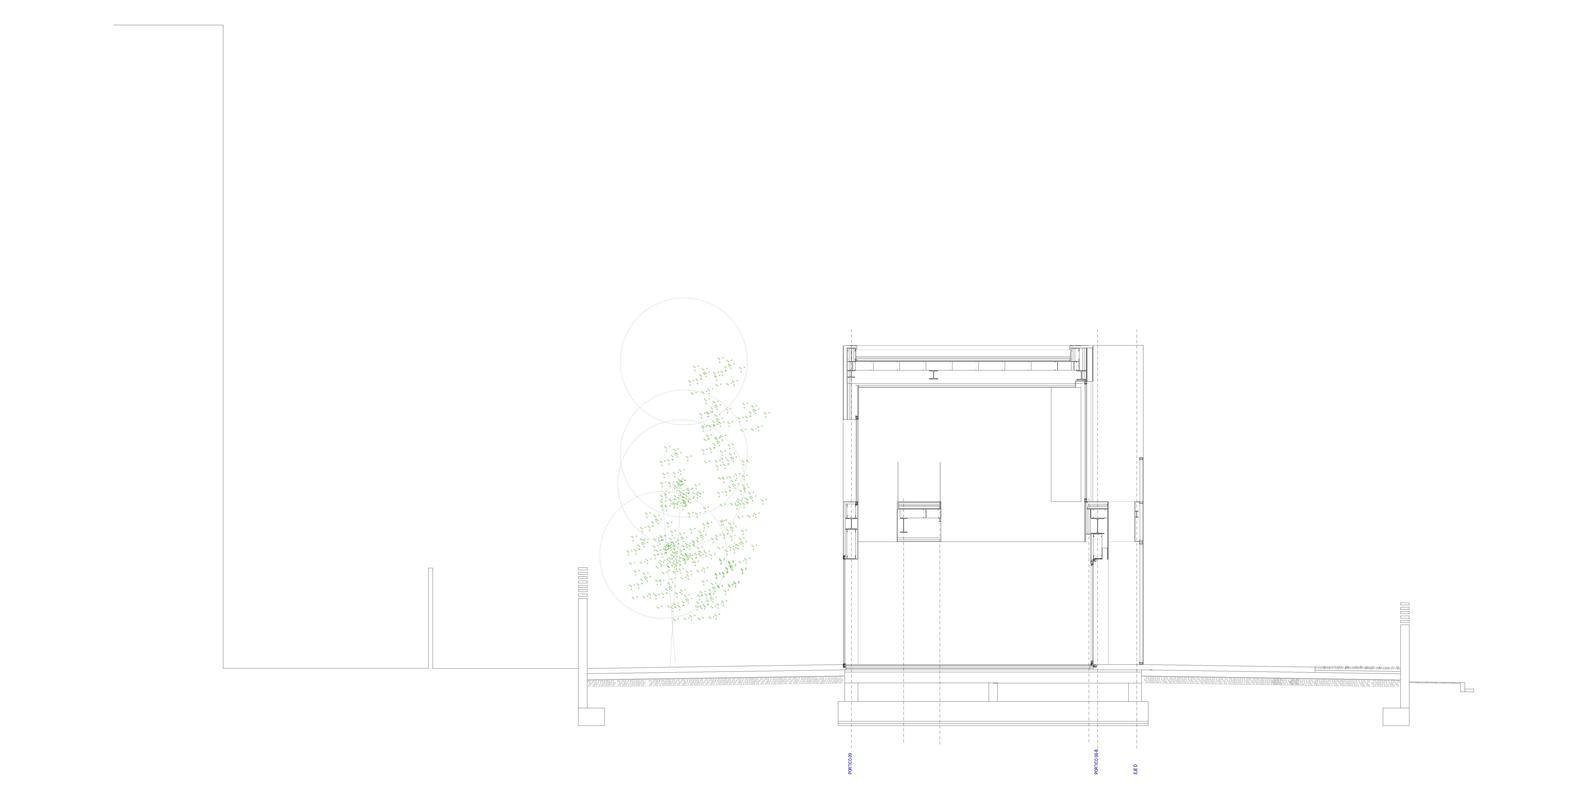 Bố trí mặt bằng - Castelldefels House - mặt cắt - 2